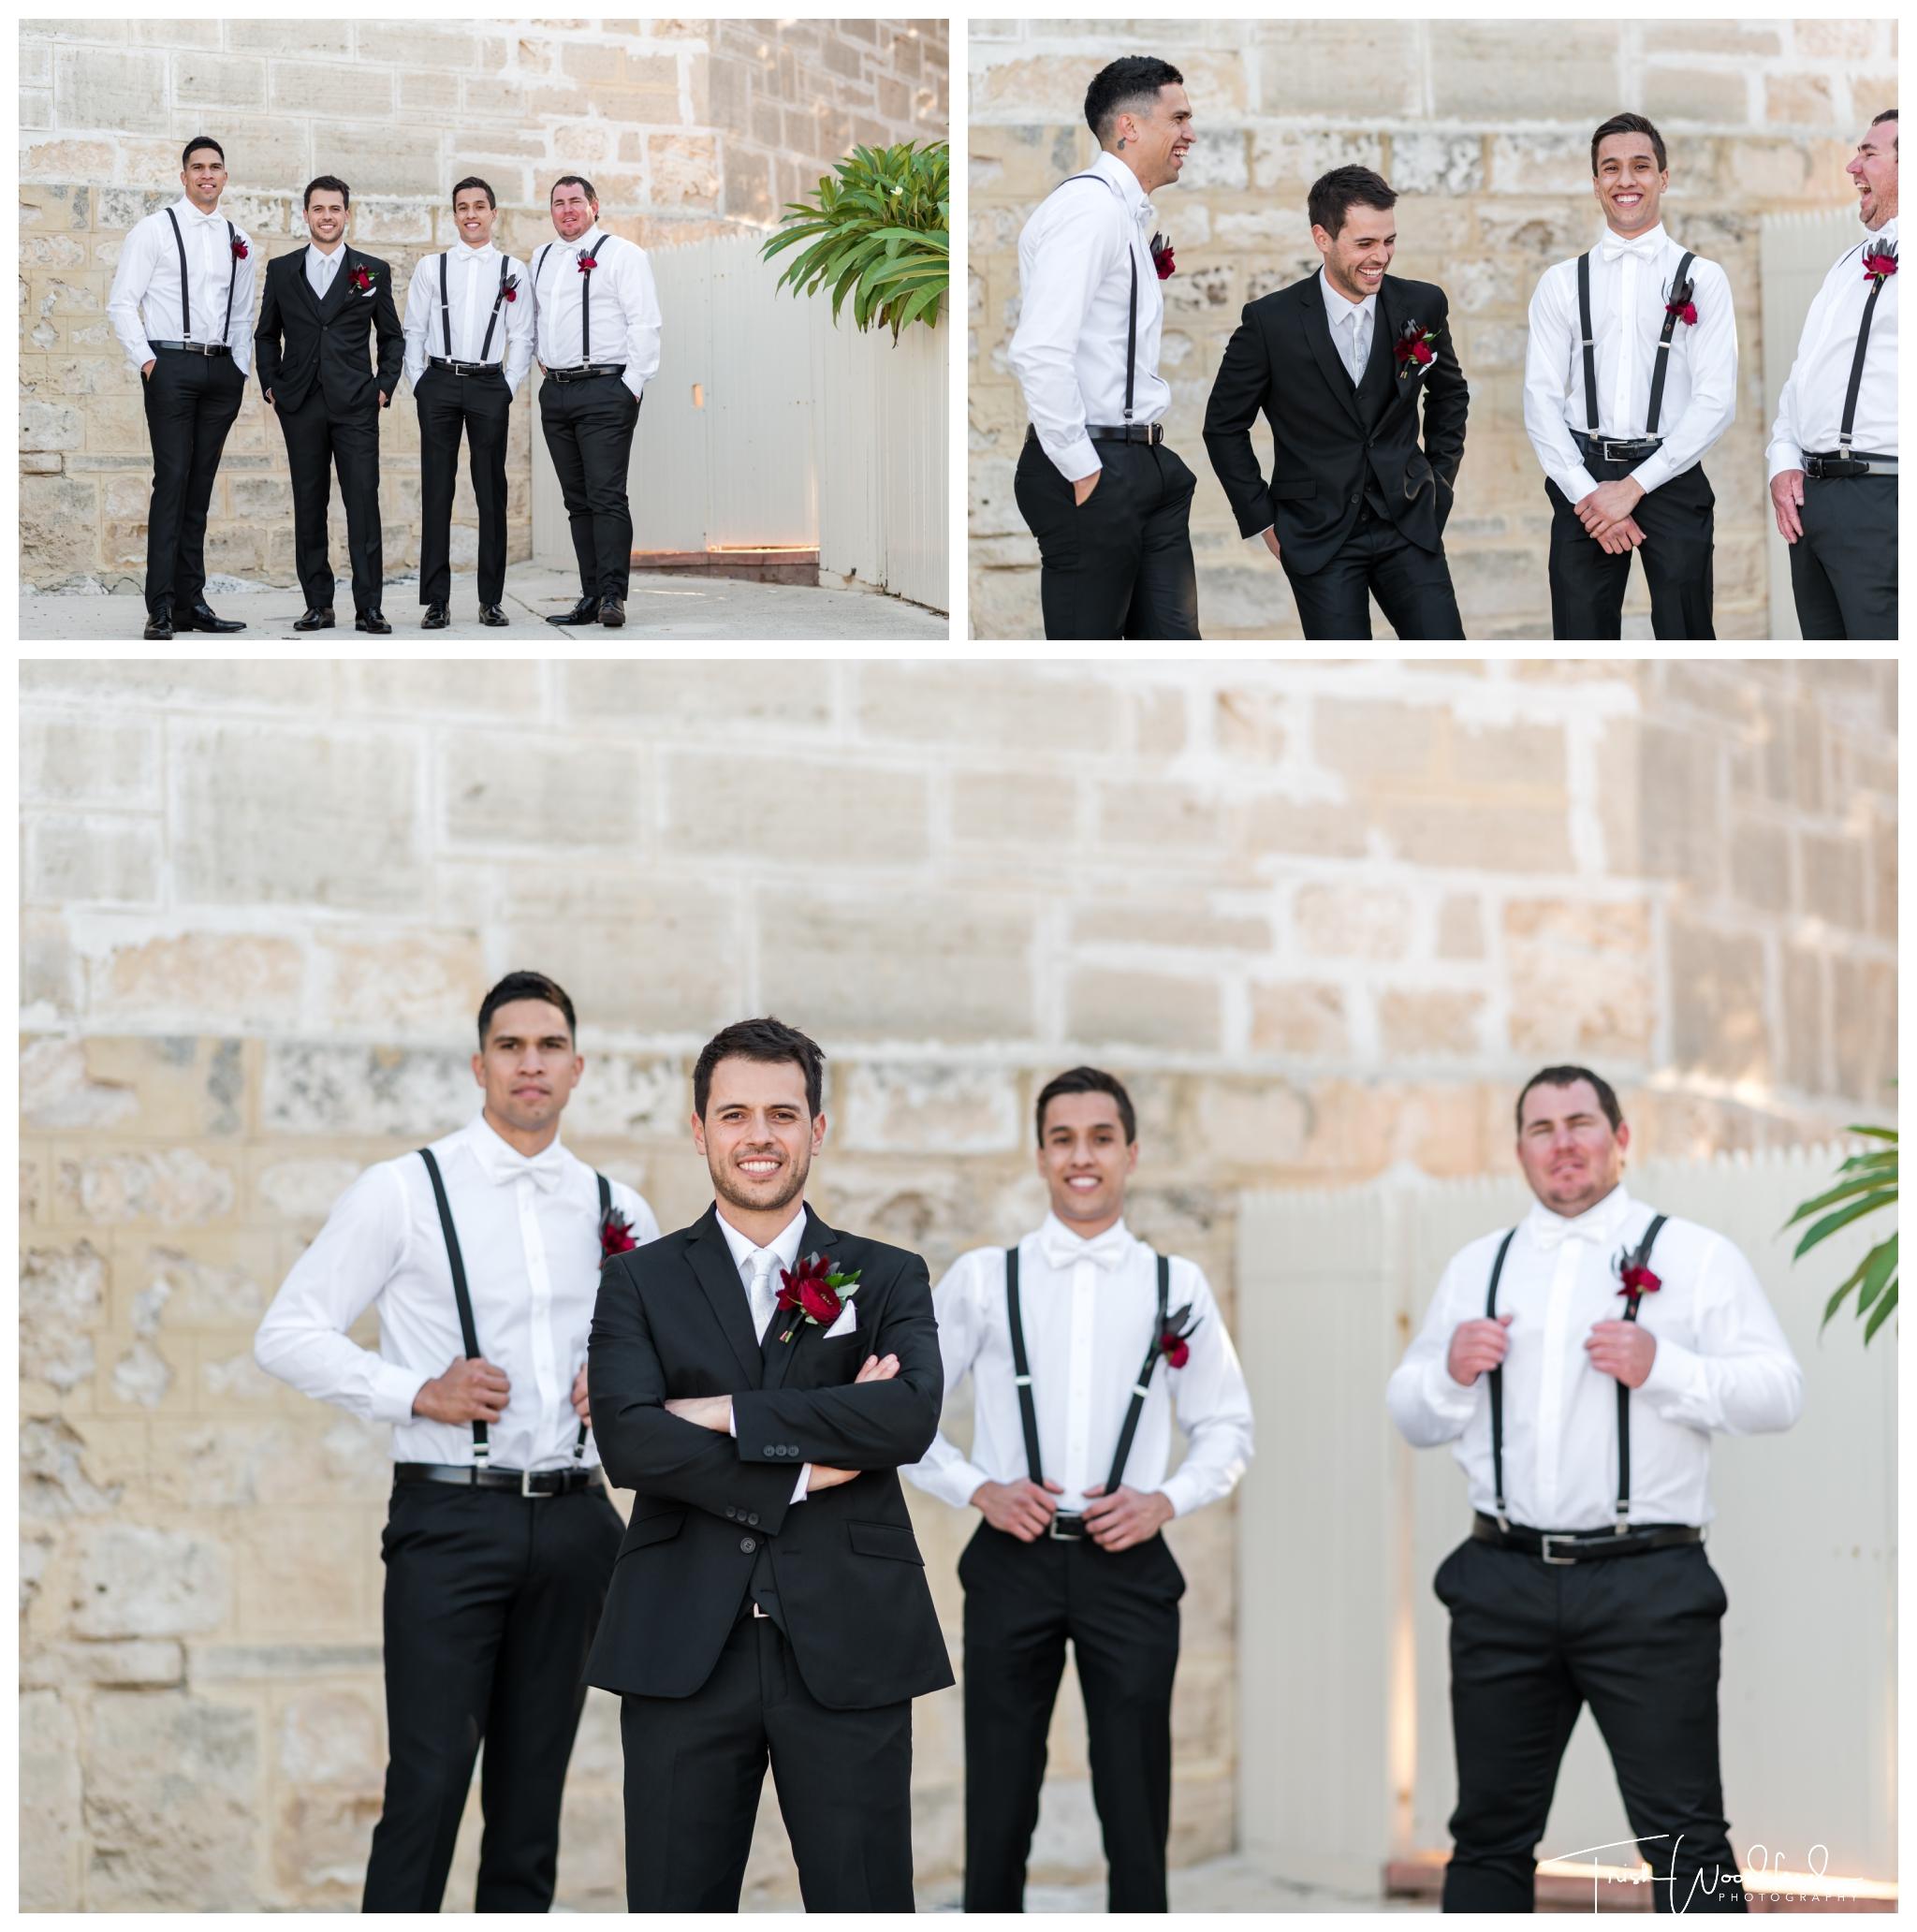 groom-groomsmen-fremantle-wedding